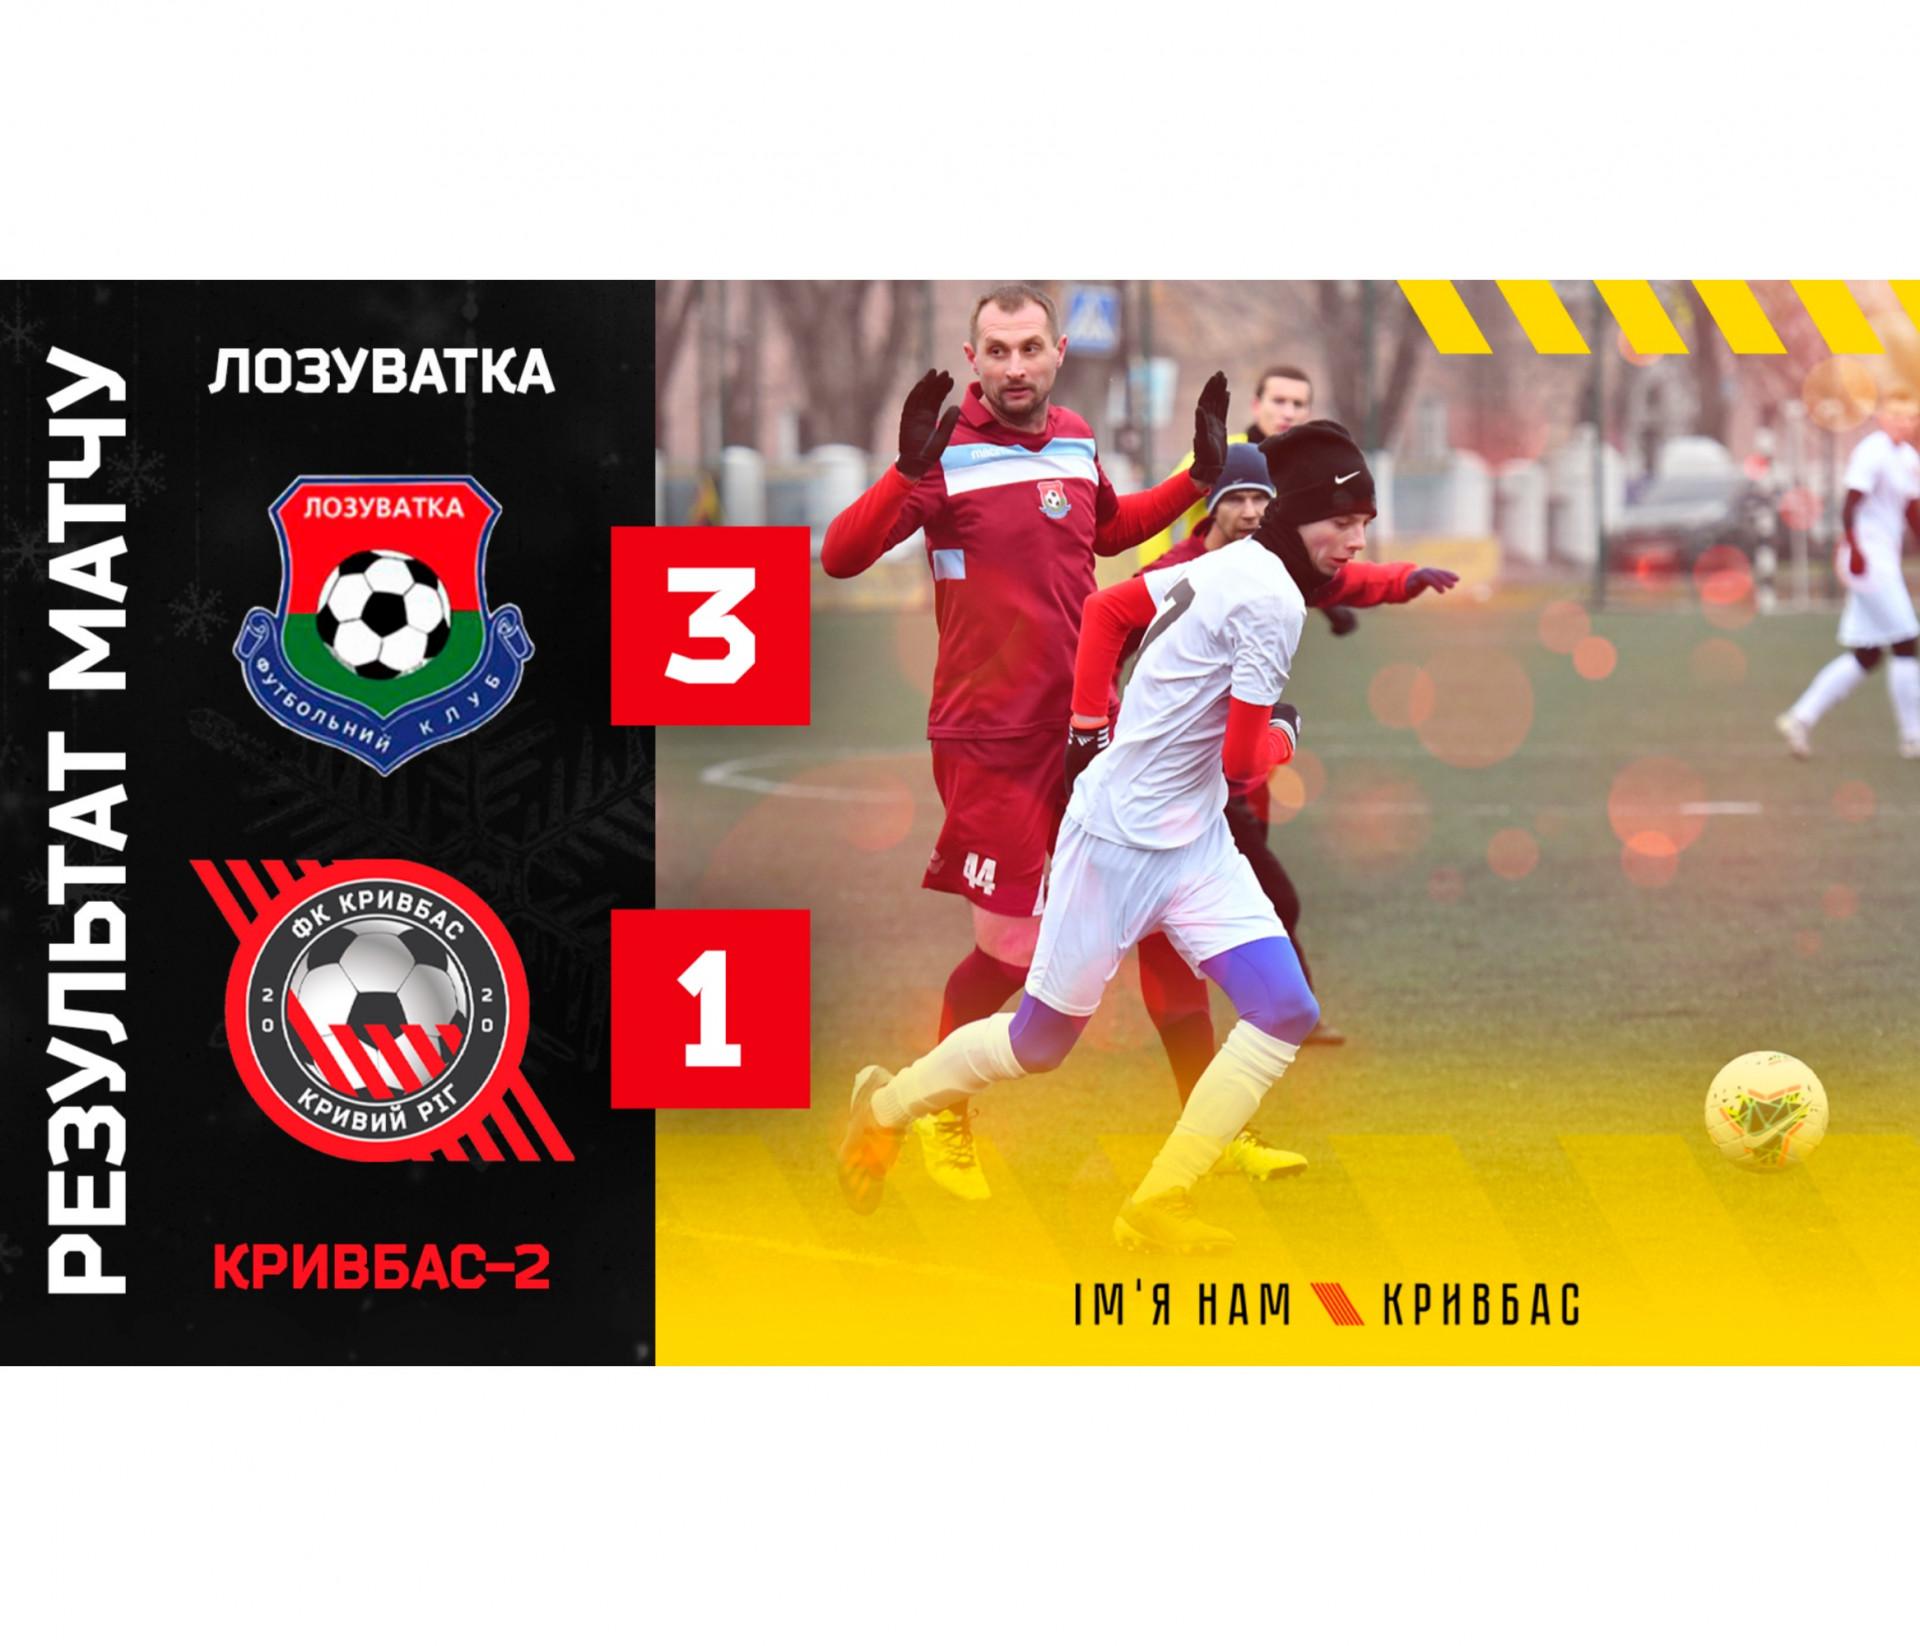 """""""Лозуватка"""" - """"Кривбас-2"""" 3:1}"""